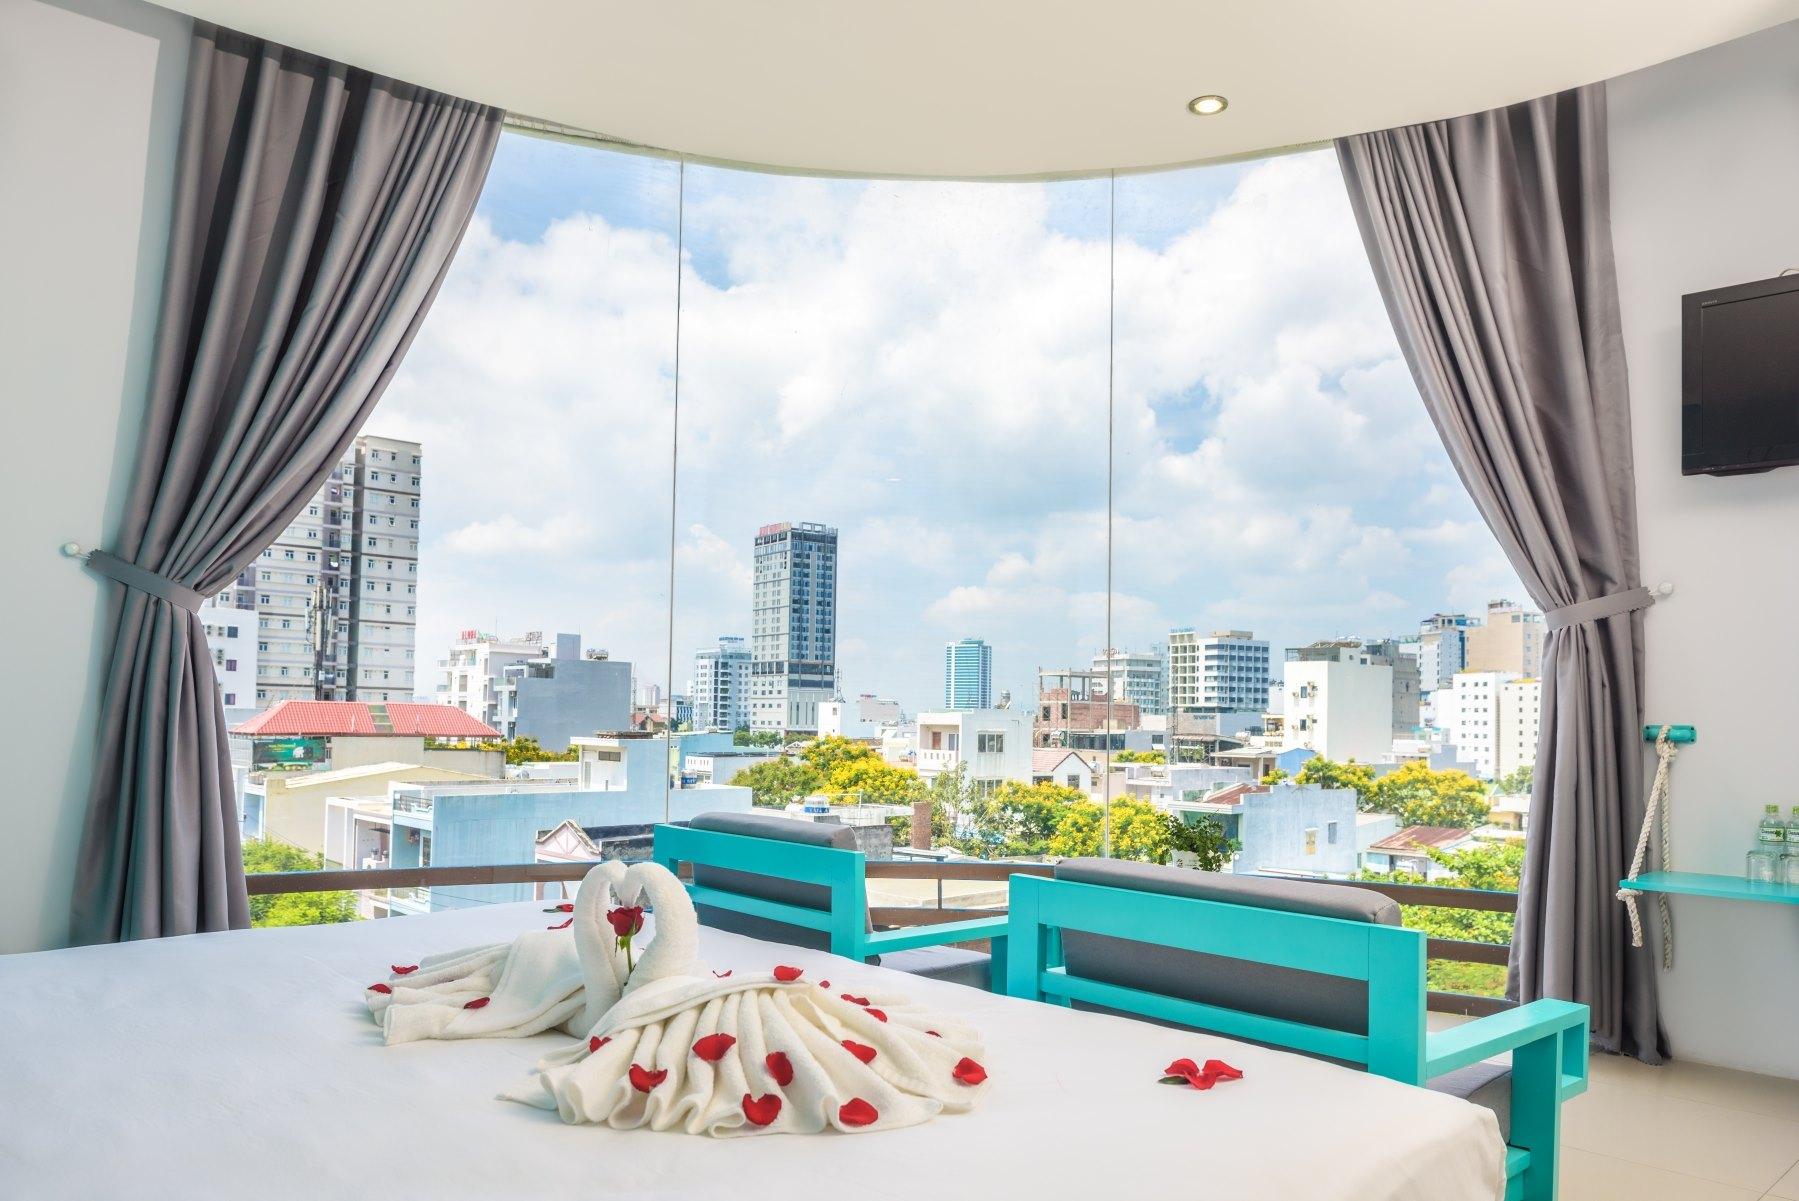 Raon Danang Beach Hotel